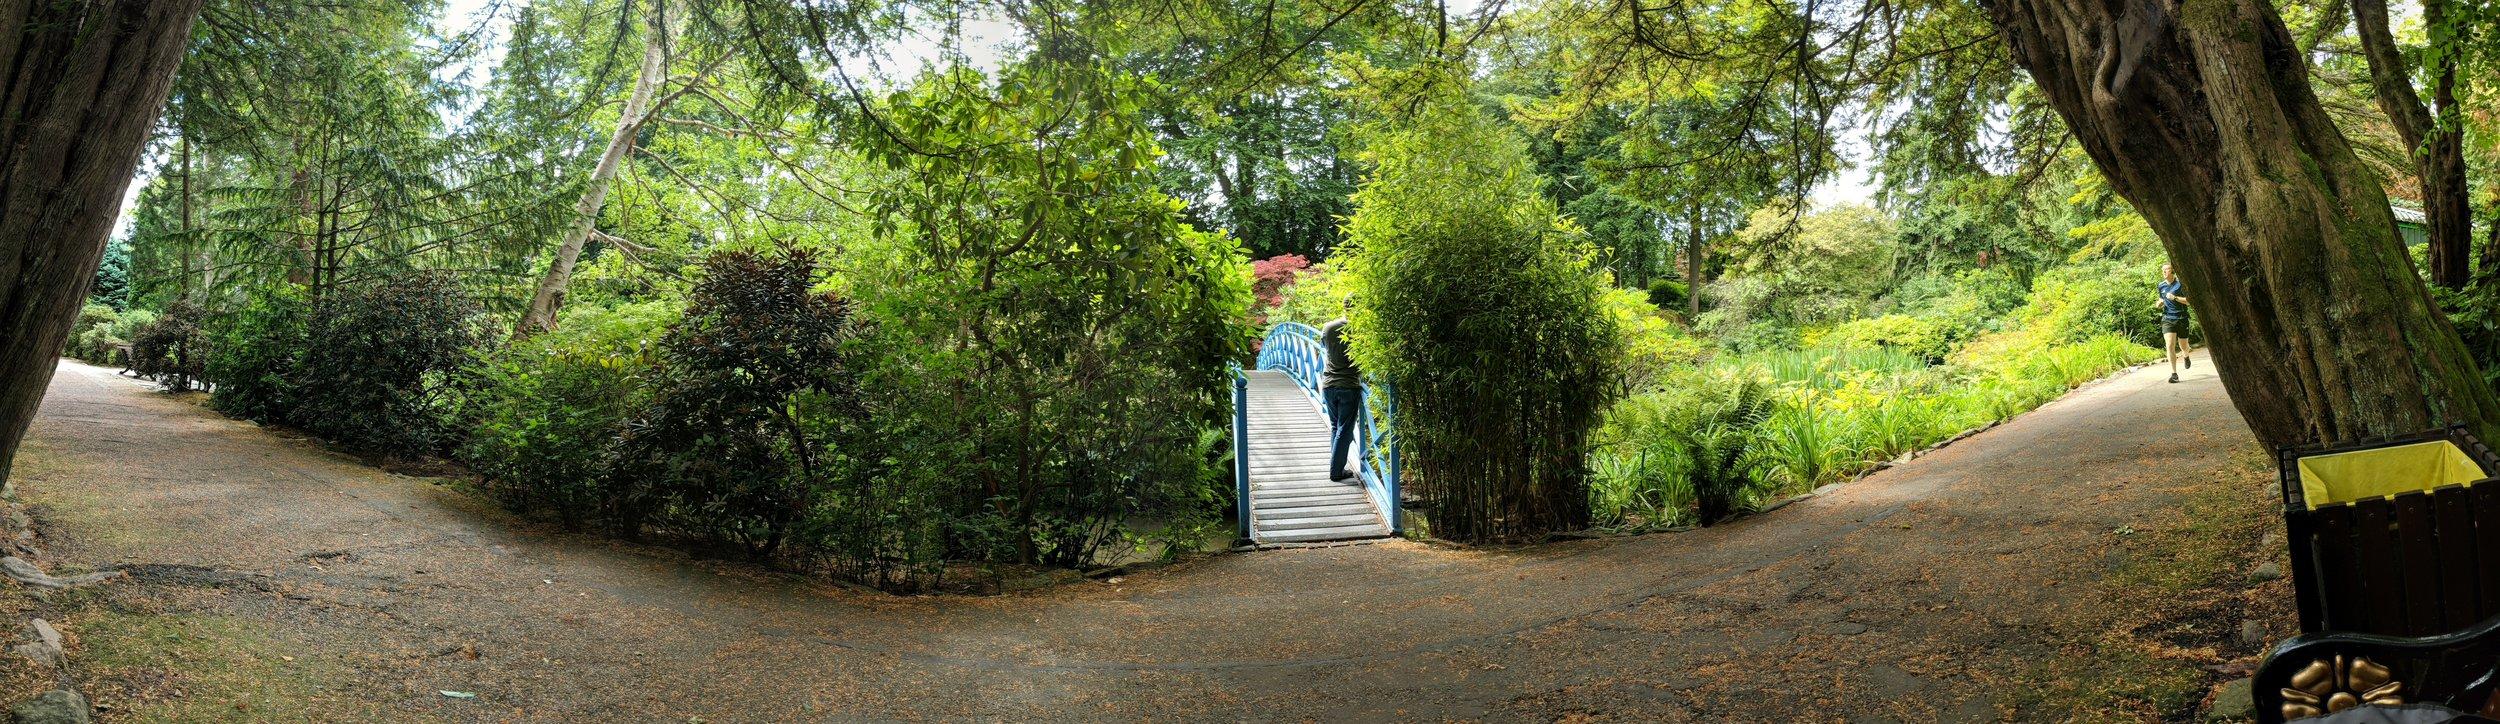 Johnstone Gardens Aberdeen Scotland